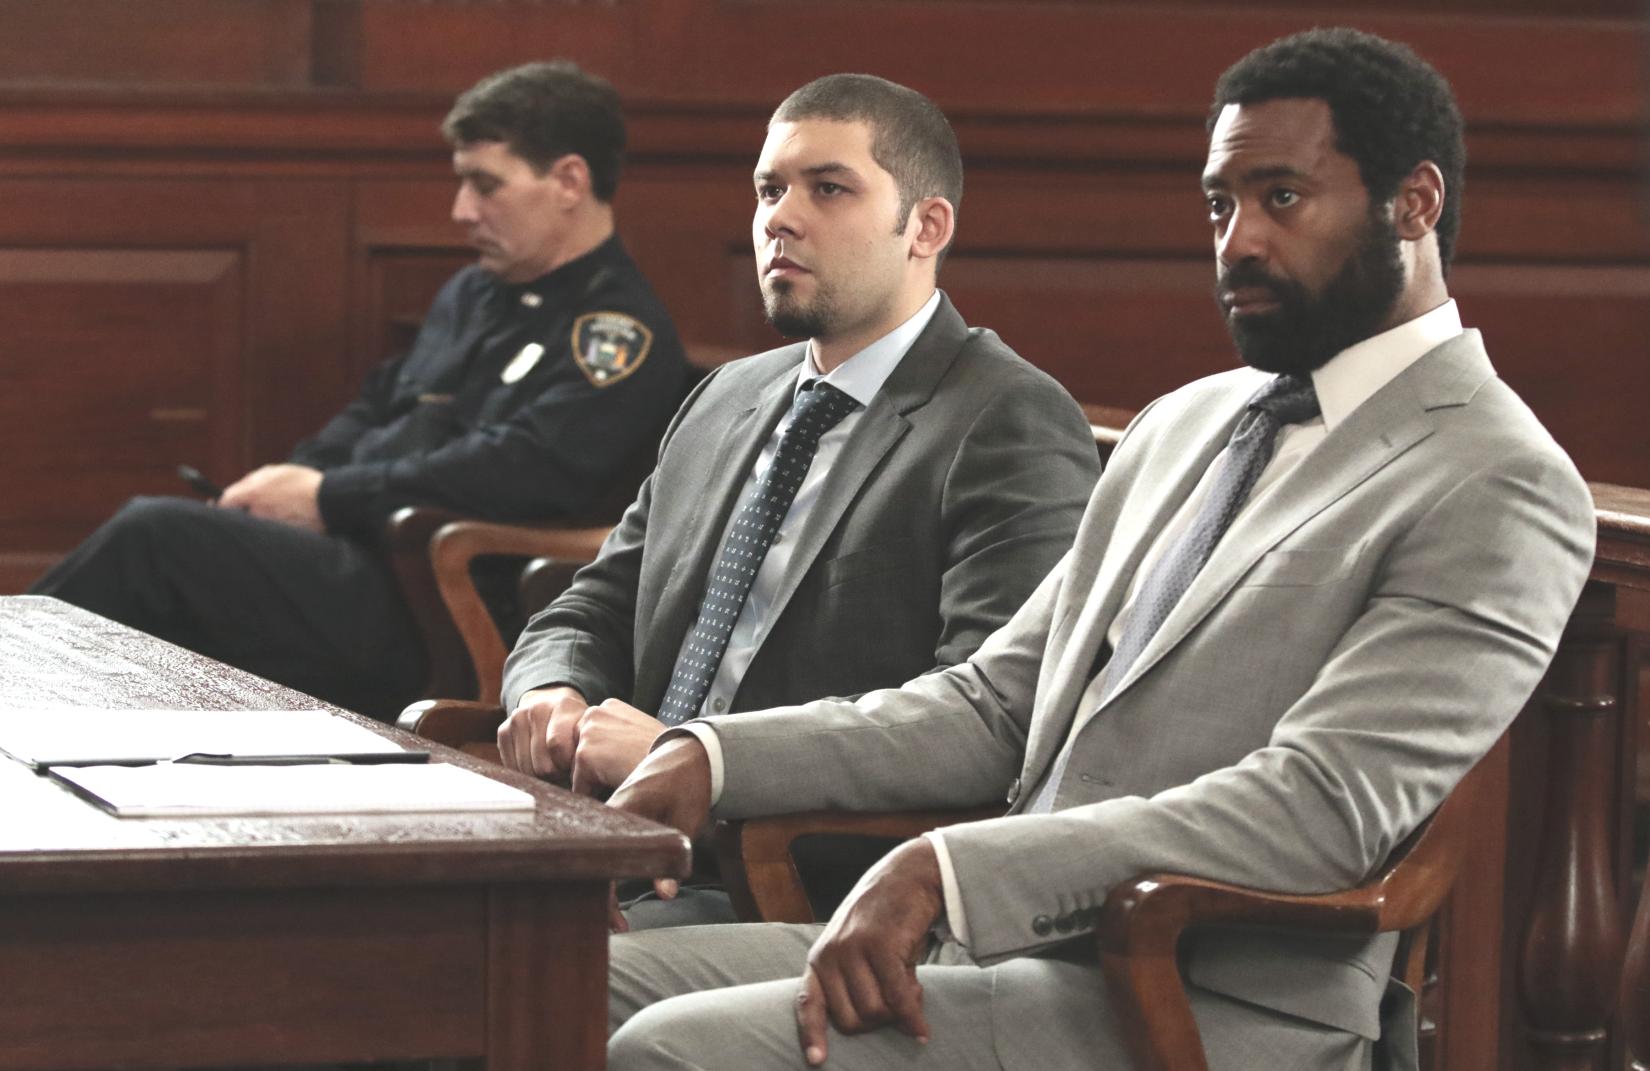 Andrew Casanova and Nicholas Pinnock in a courtroom scene from the pilot. (ABC/Giovanni Rufino)